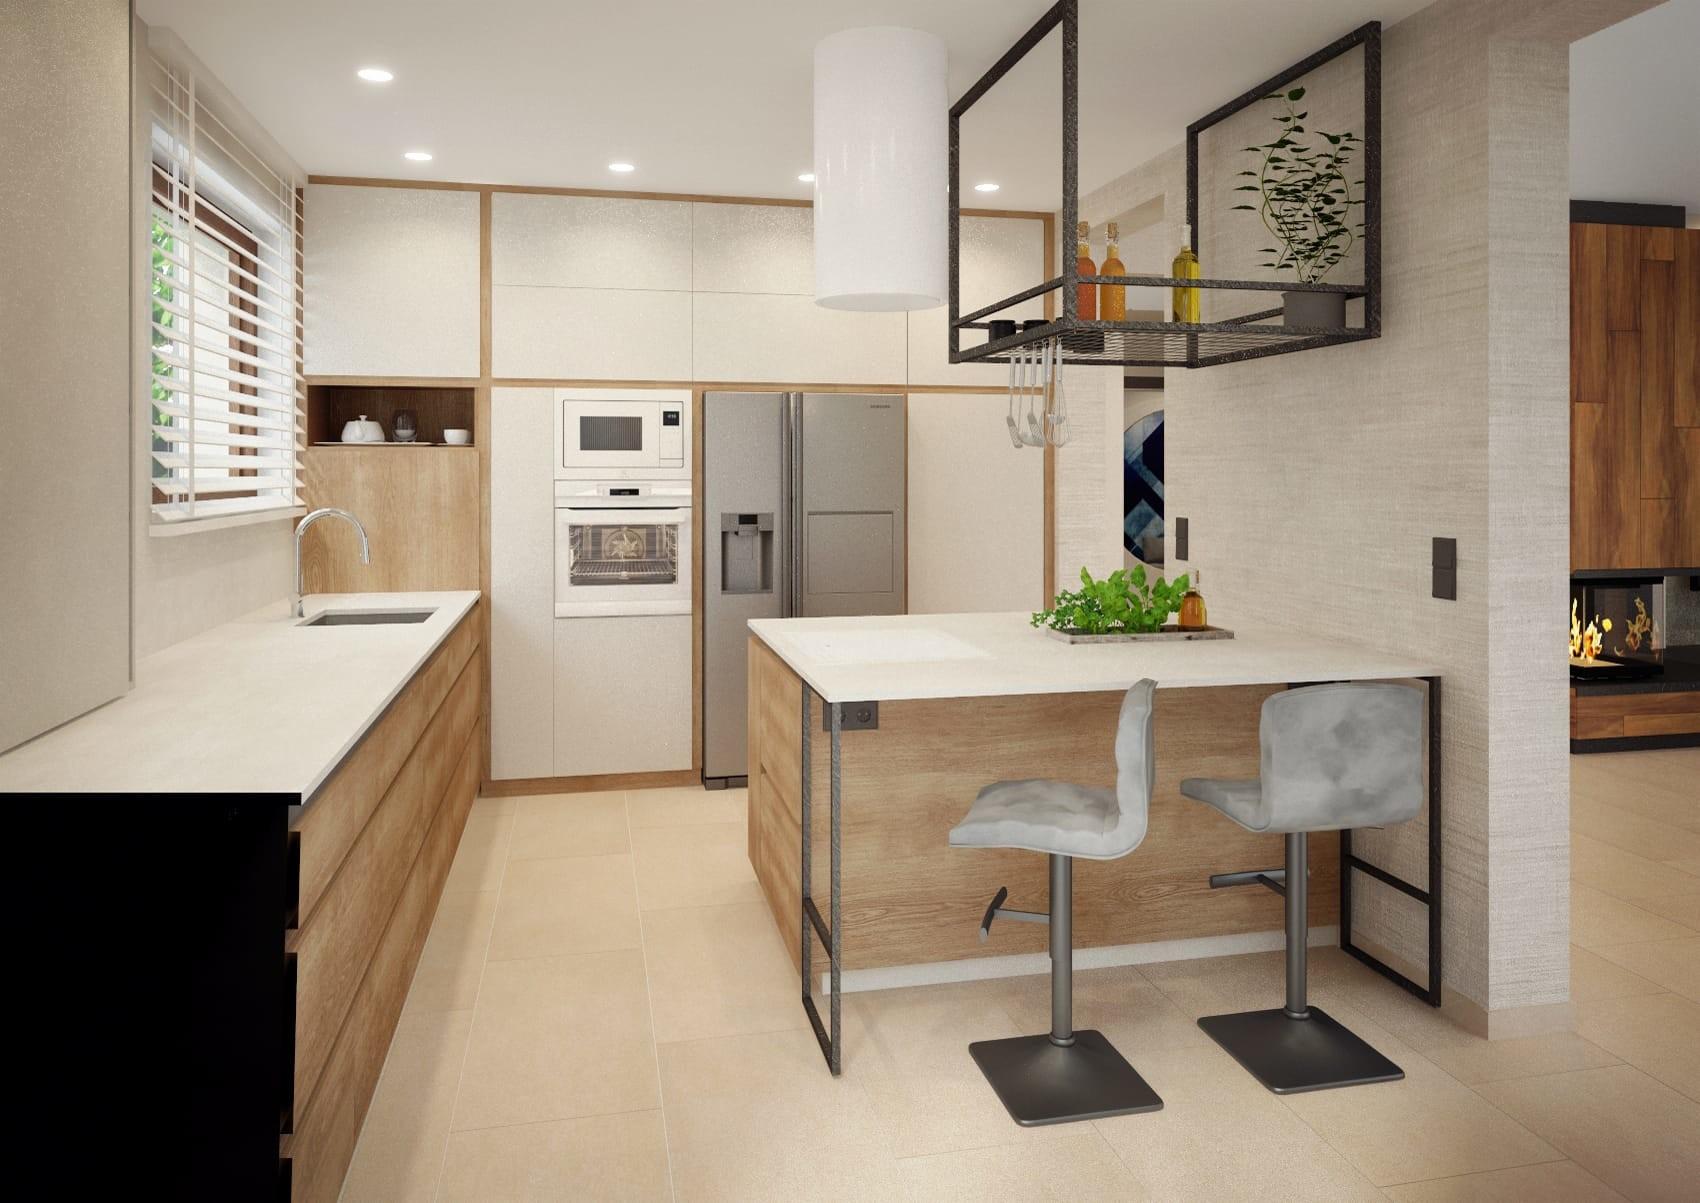 kuchnia-widok-1(1)